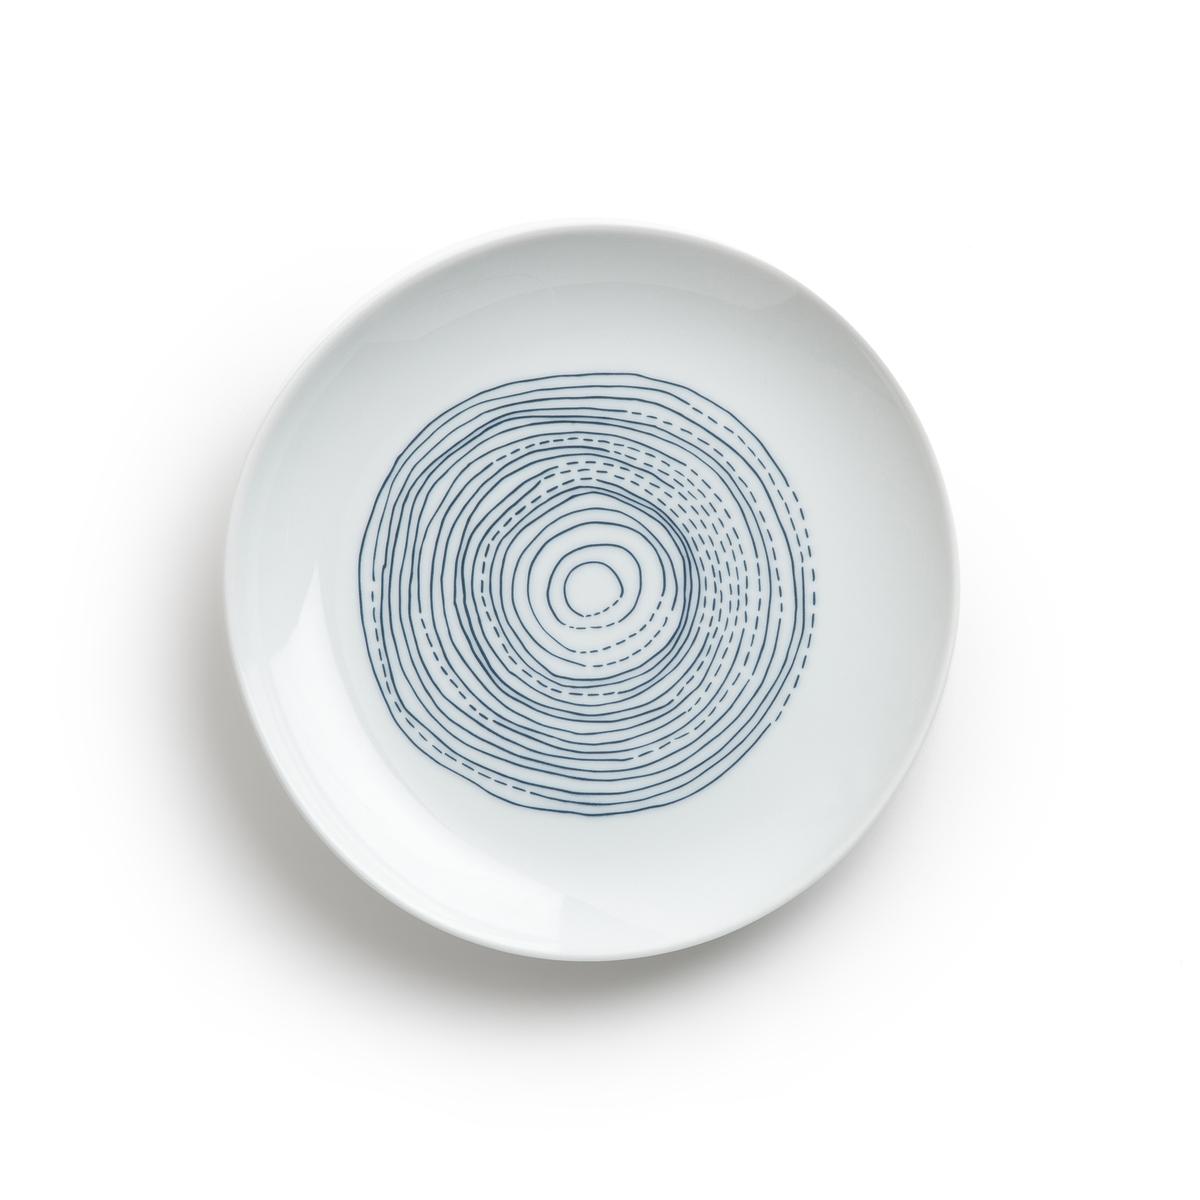 Комплект из 4 десертных тарелок из фарфора ?17,5 см, Agaxan4 десертные тарелки Agaxan. Органическая форма и изящный рисунок в виде неровных линий синего цвета. Из глазурованного фарфора. Размеры: ?17,5 см. Можно использовать в посудомоечных машинах и микроволновых печах. Сделано в Португалии. Мелкая тарелка и чашка того же комплекта представлены на нашем сайте.<br><br>Цвет: синий/ белый